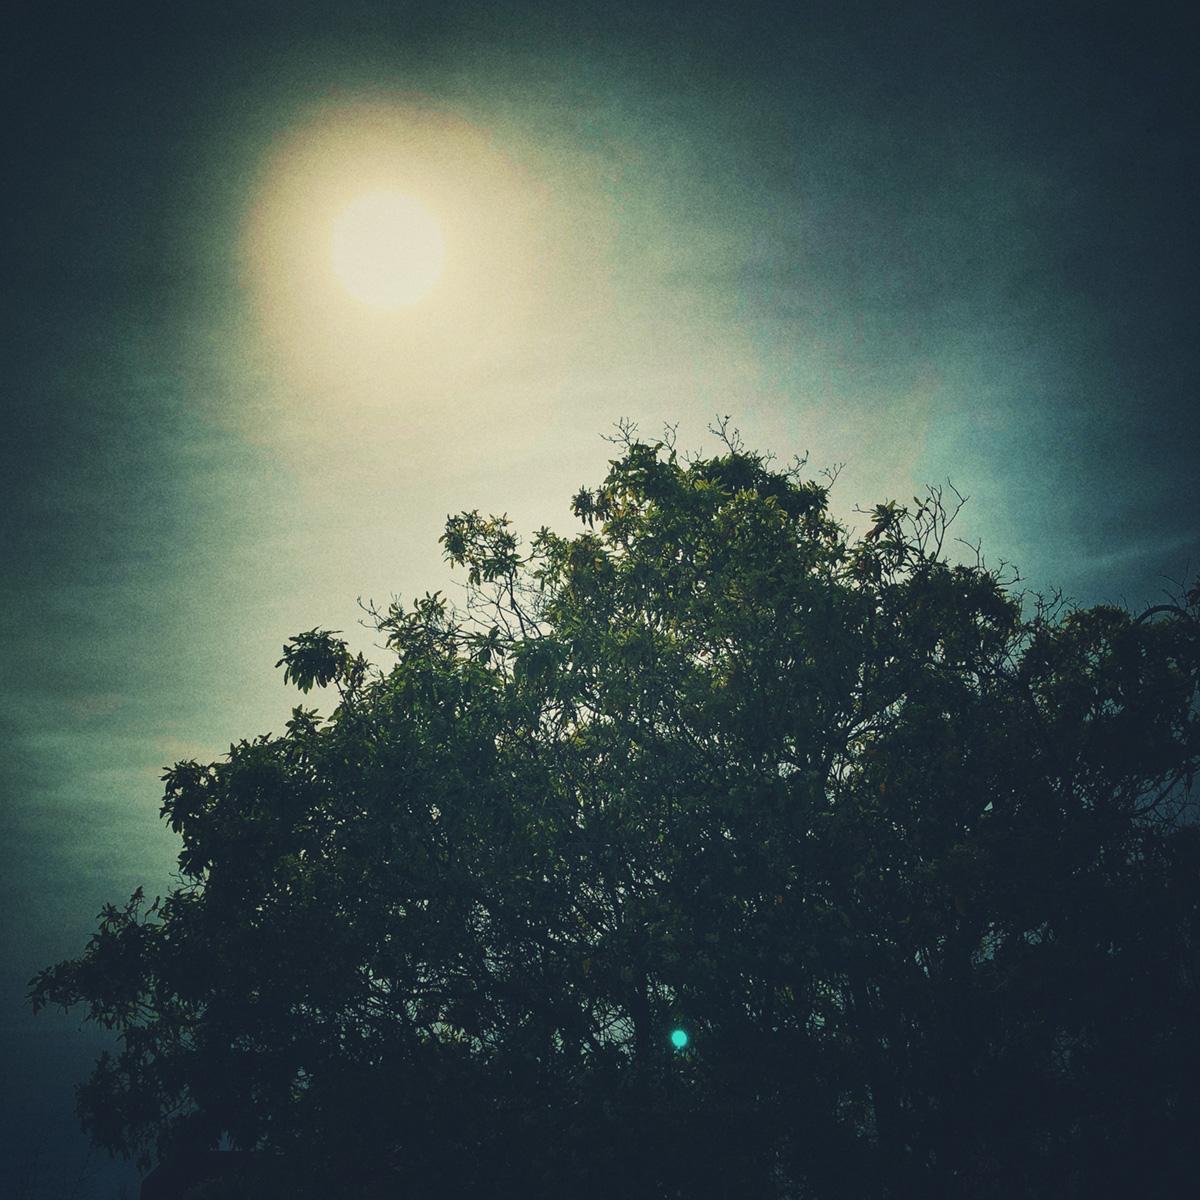 Sun Over Tree